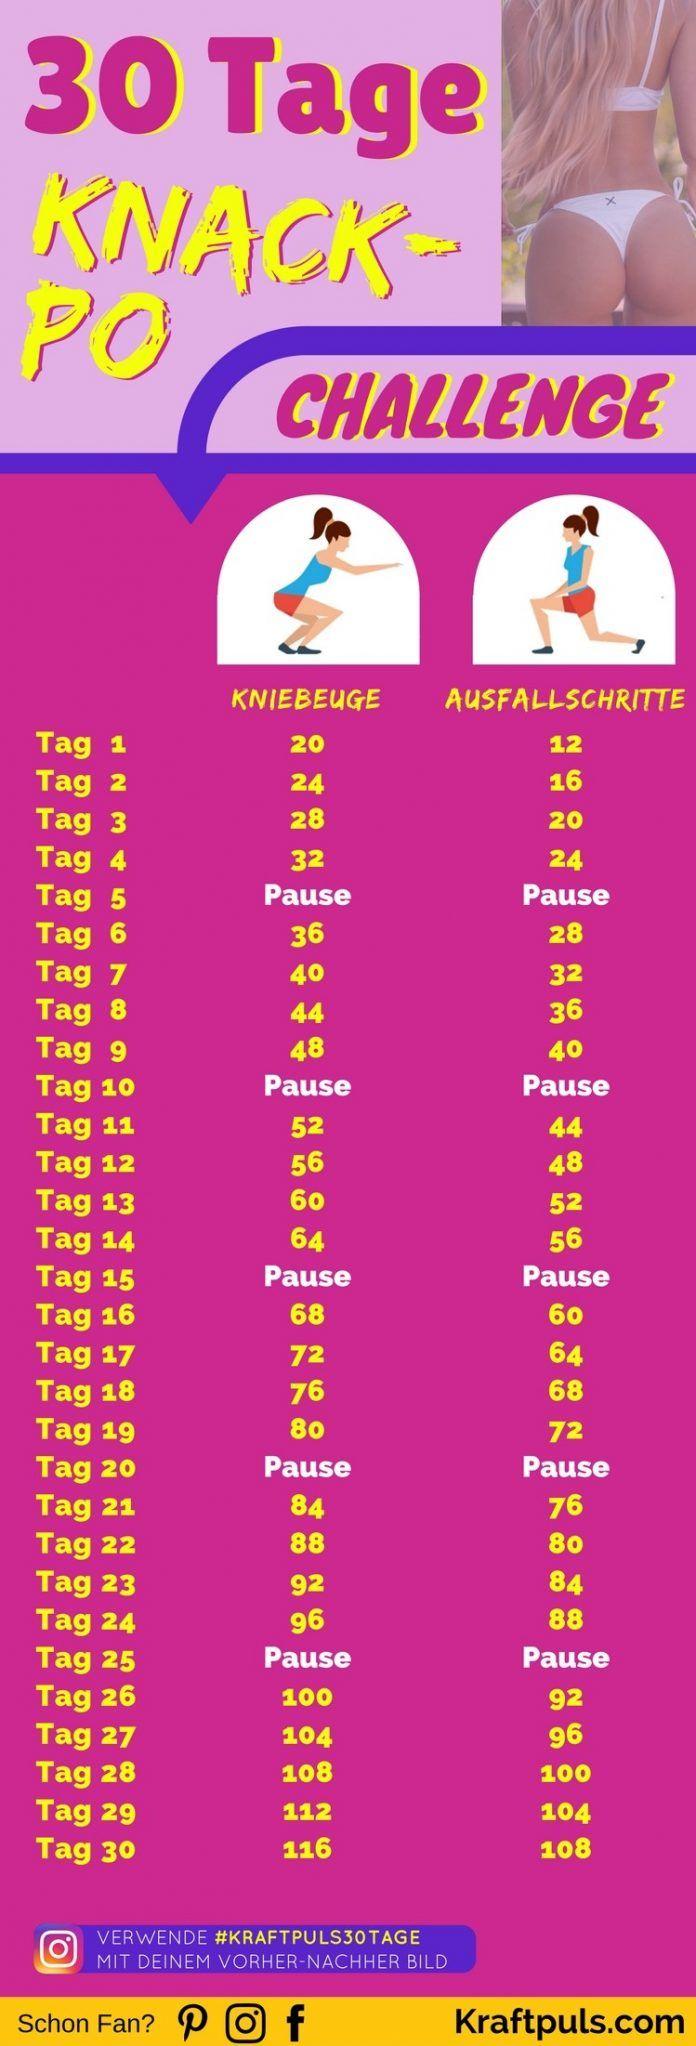 30-Tage Po Challenge: So bekommst auch du einen Knackpo!